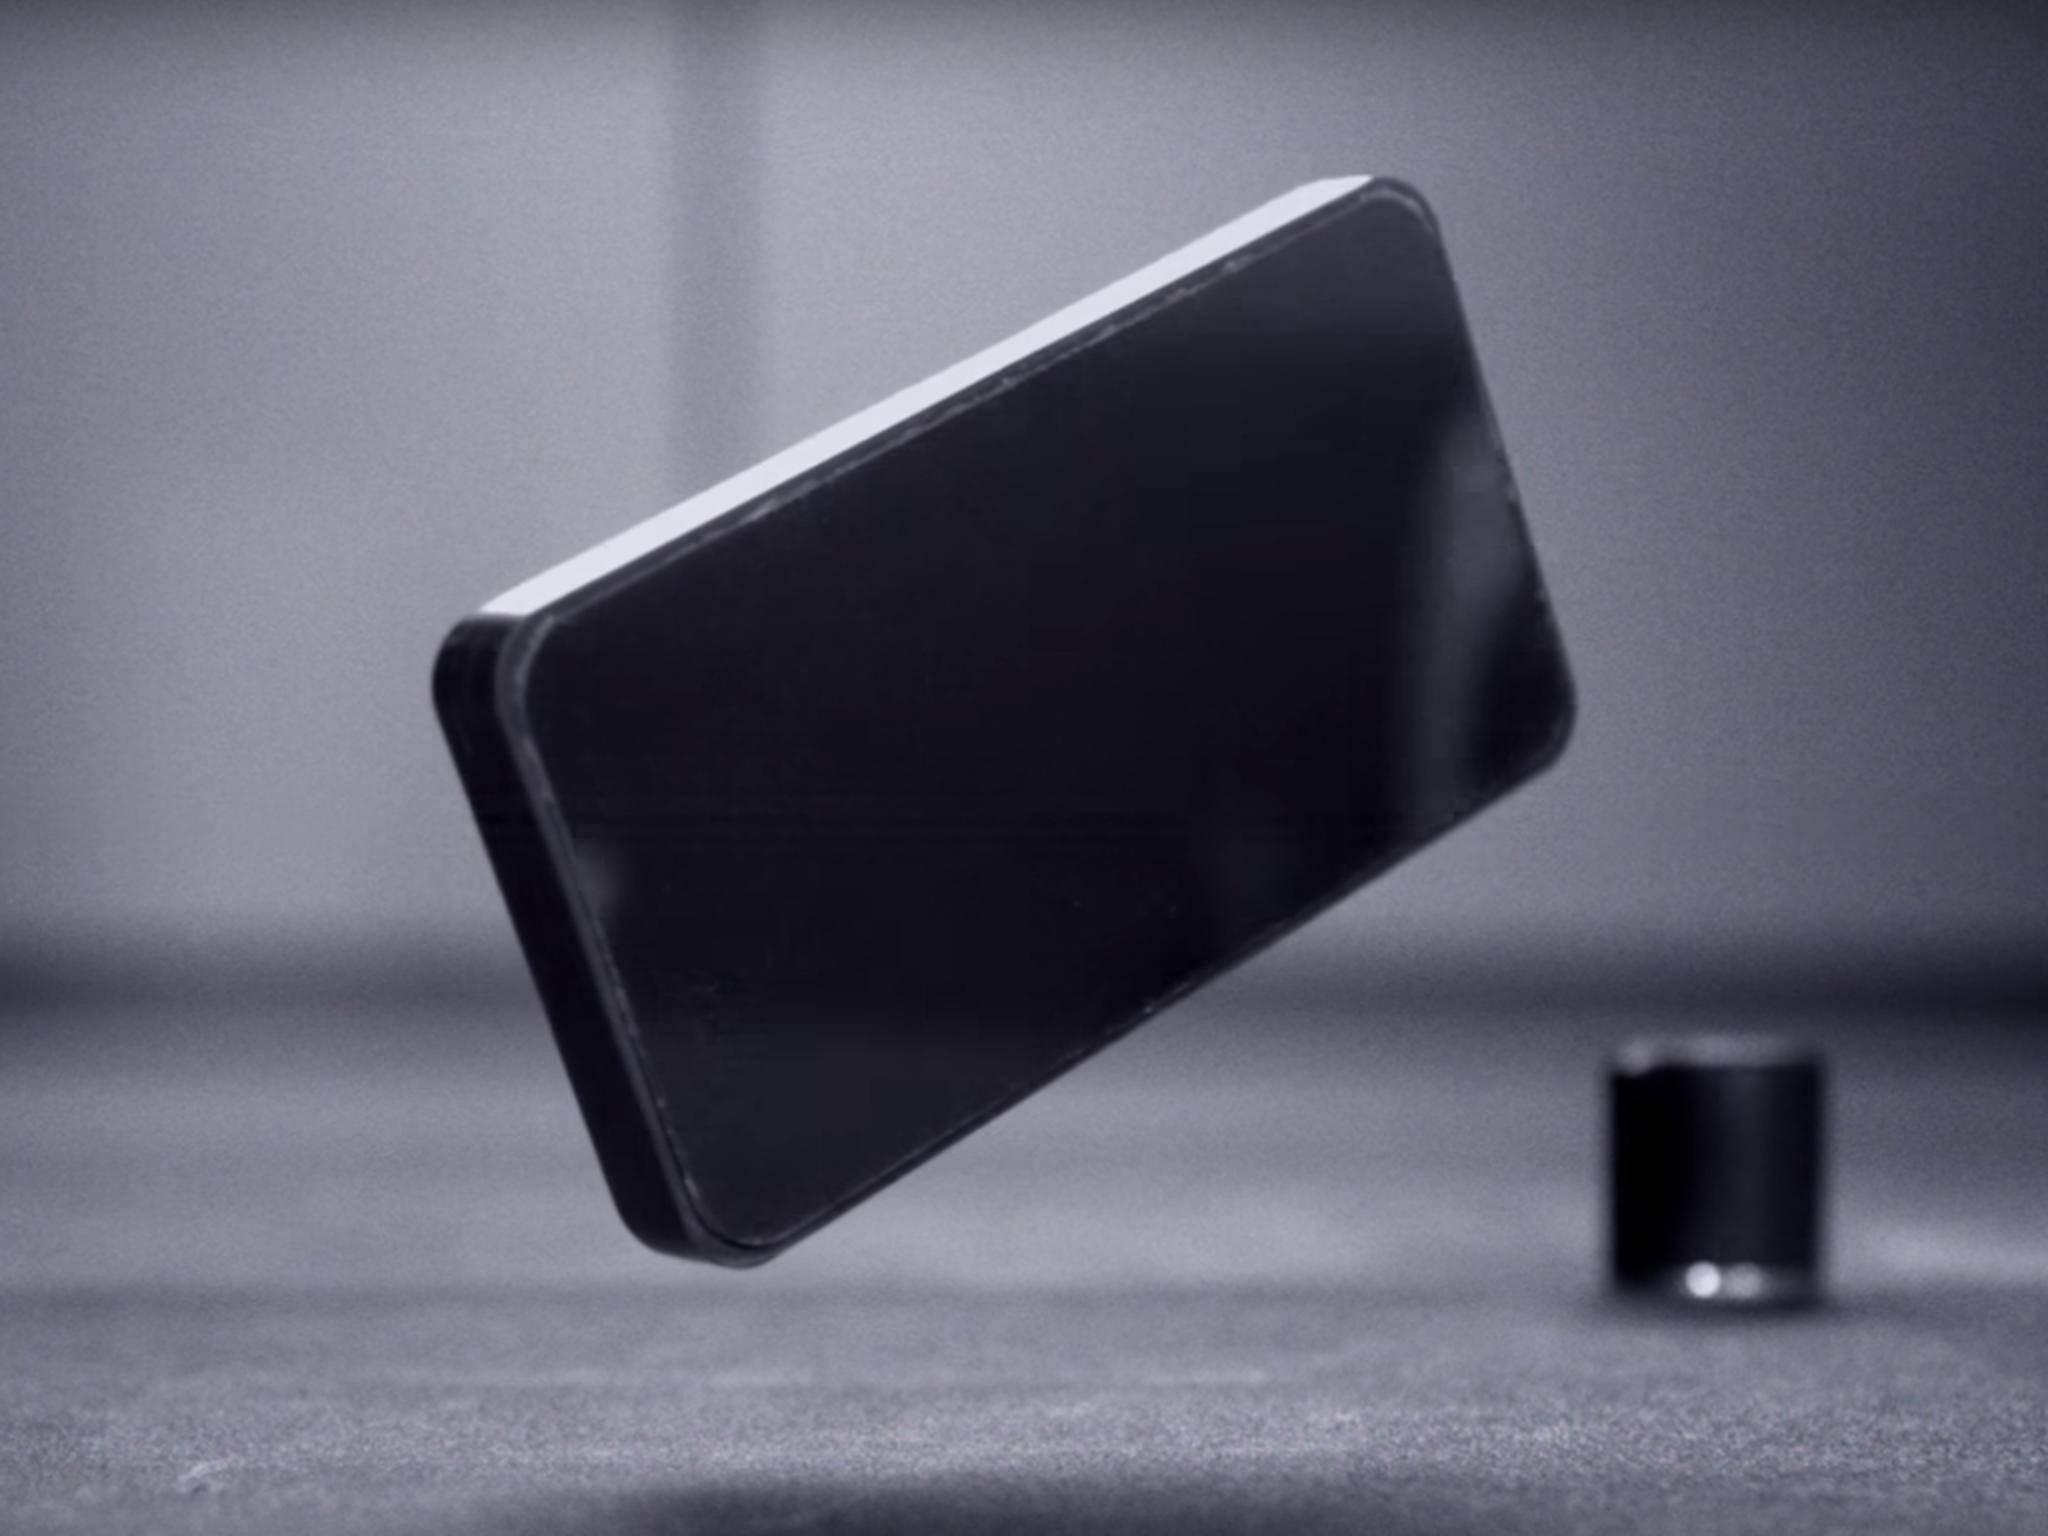 Corning Gorilla Glass 5 schützt das Smartphone-Display vor Stürzen aus einer Höhe von 1,6 Metern.